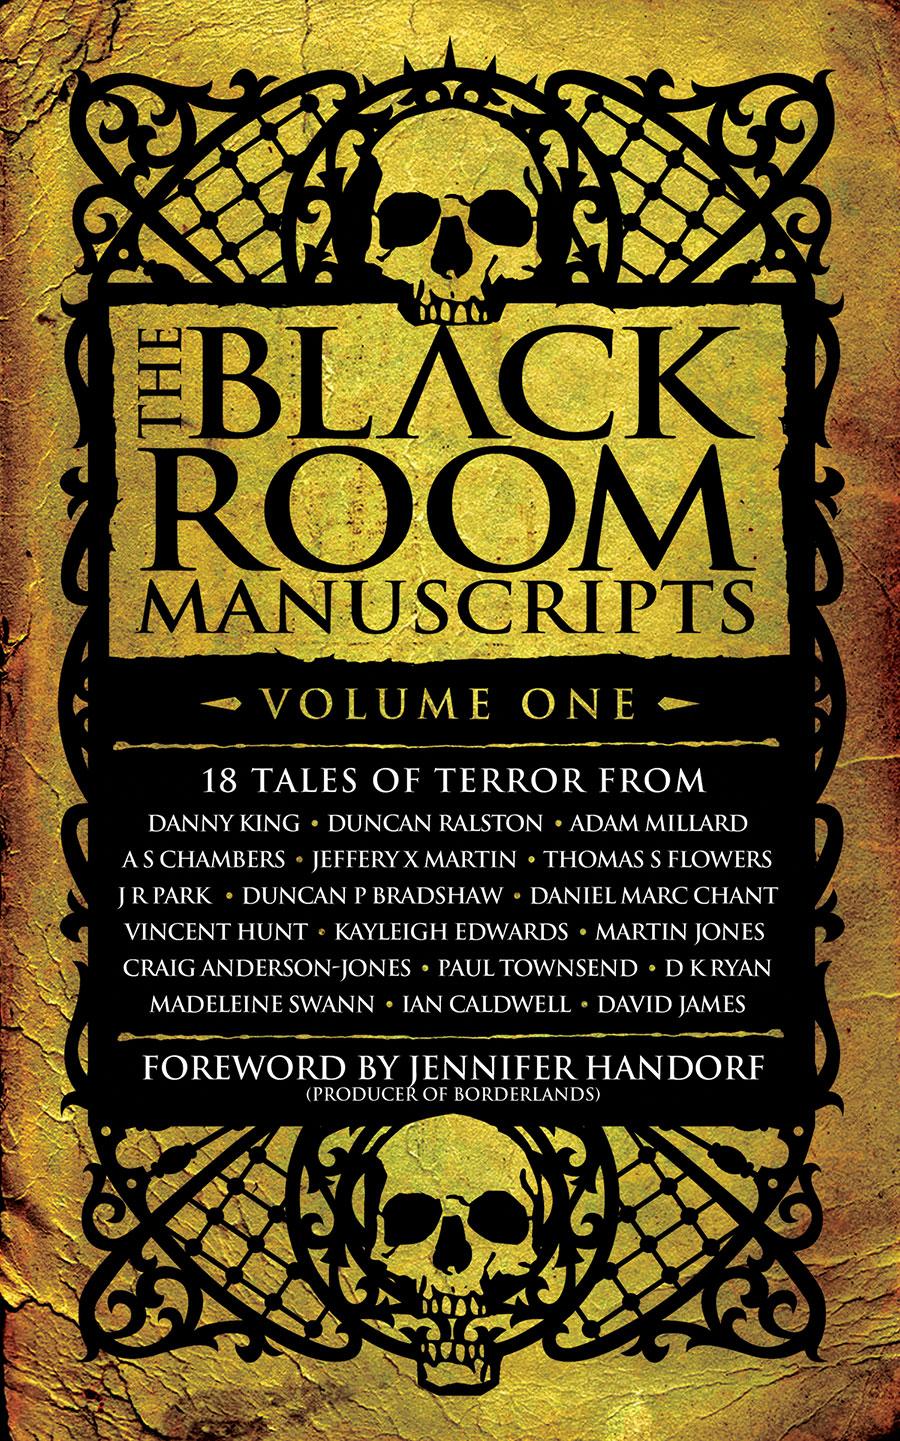 Black Room Manuscripts